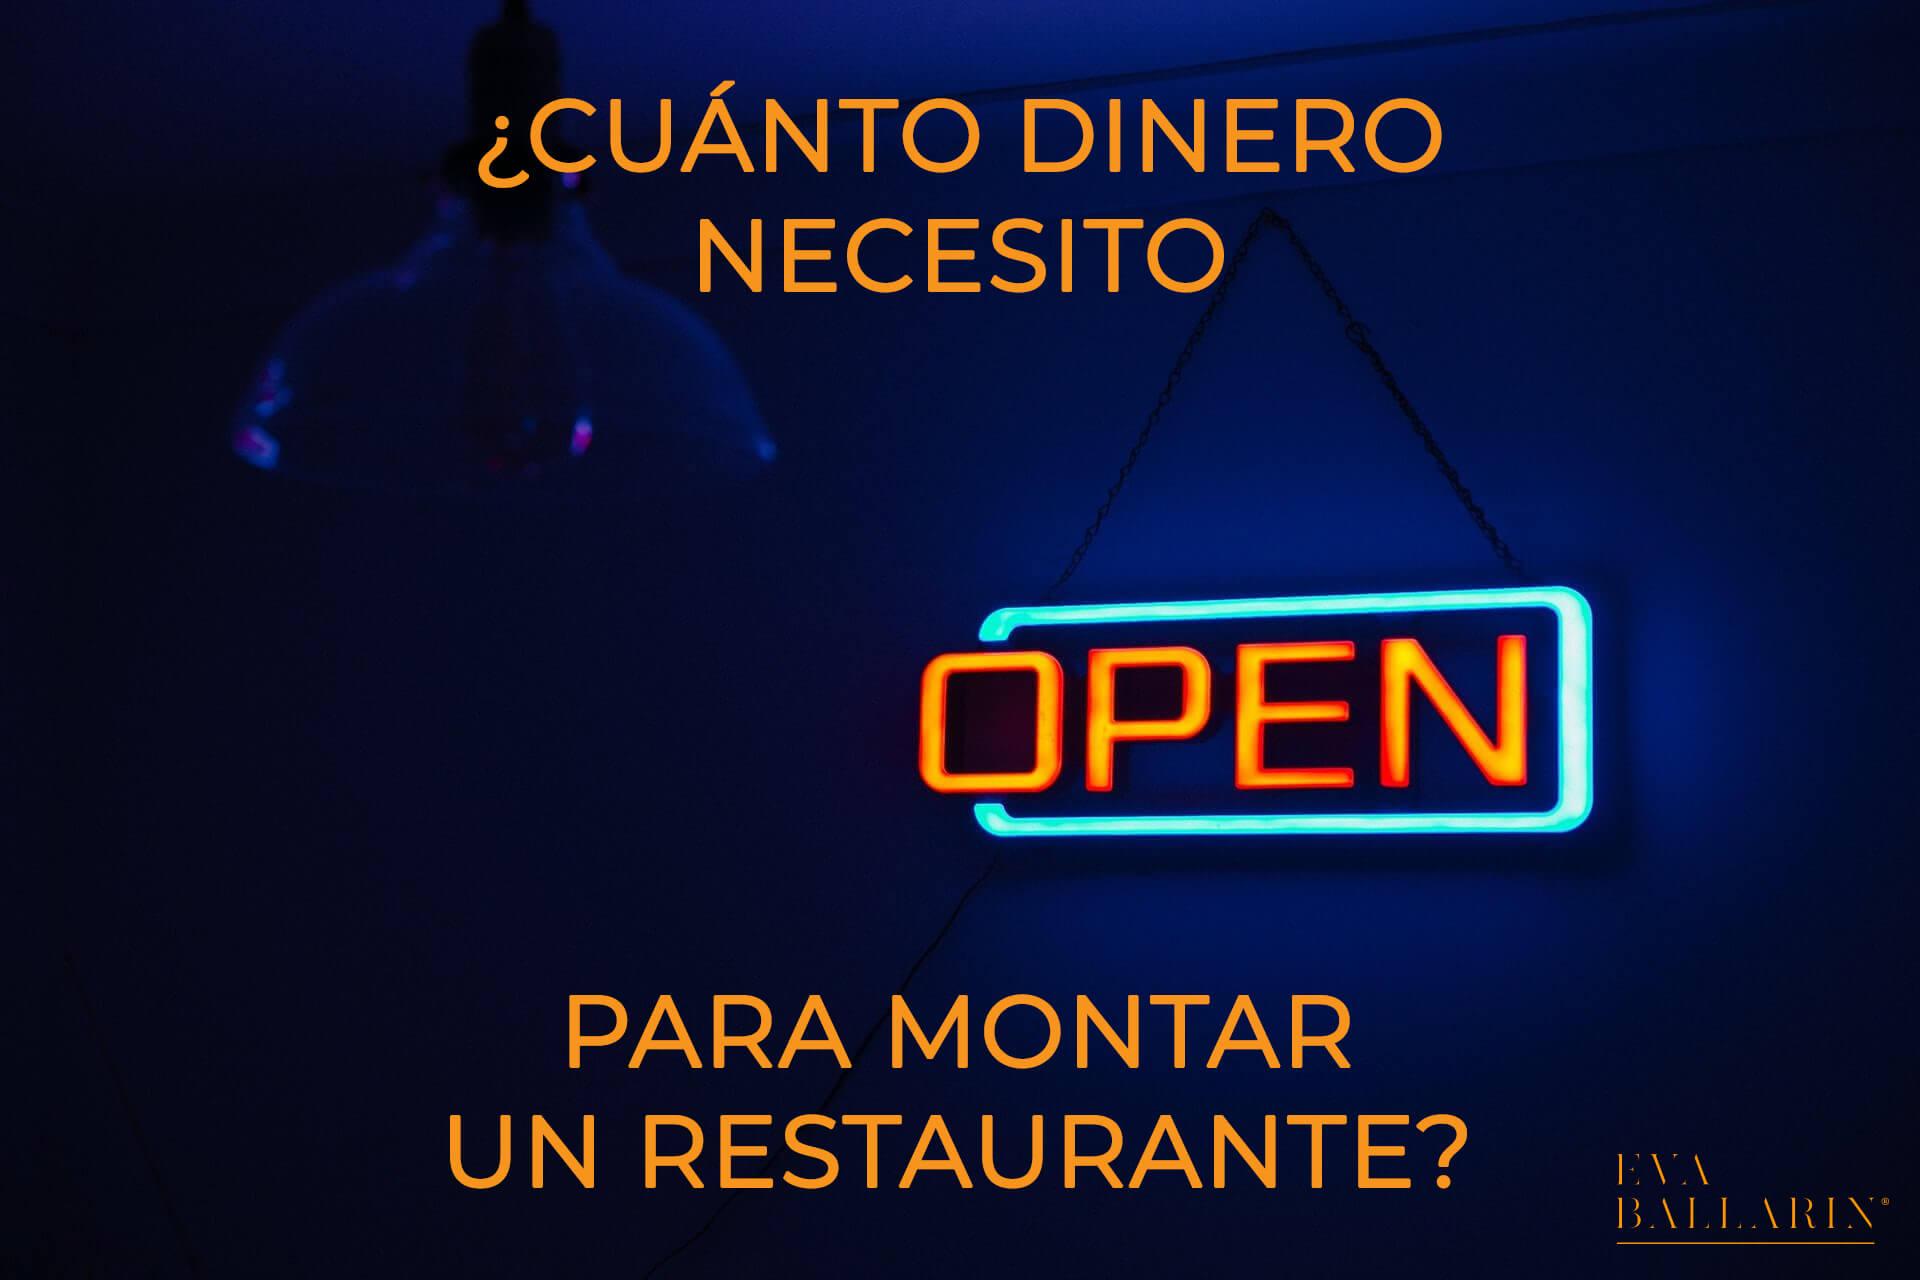 ¿Cuánto dinero necesito para montar un restaurante?